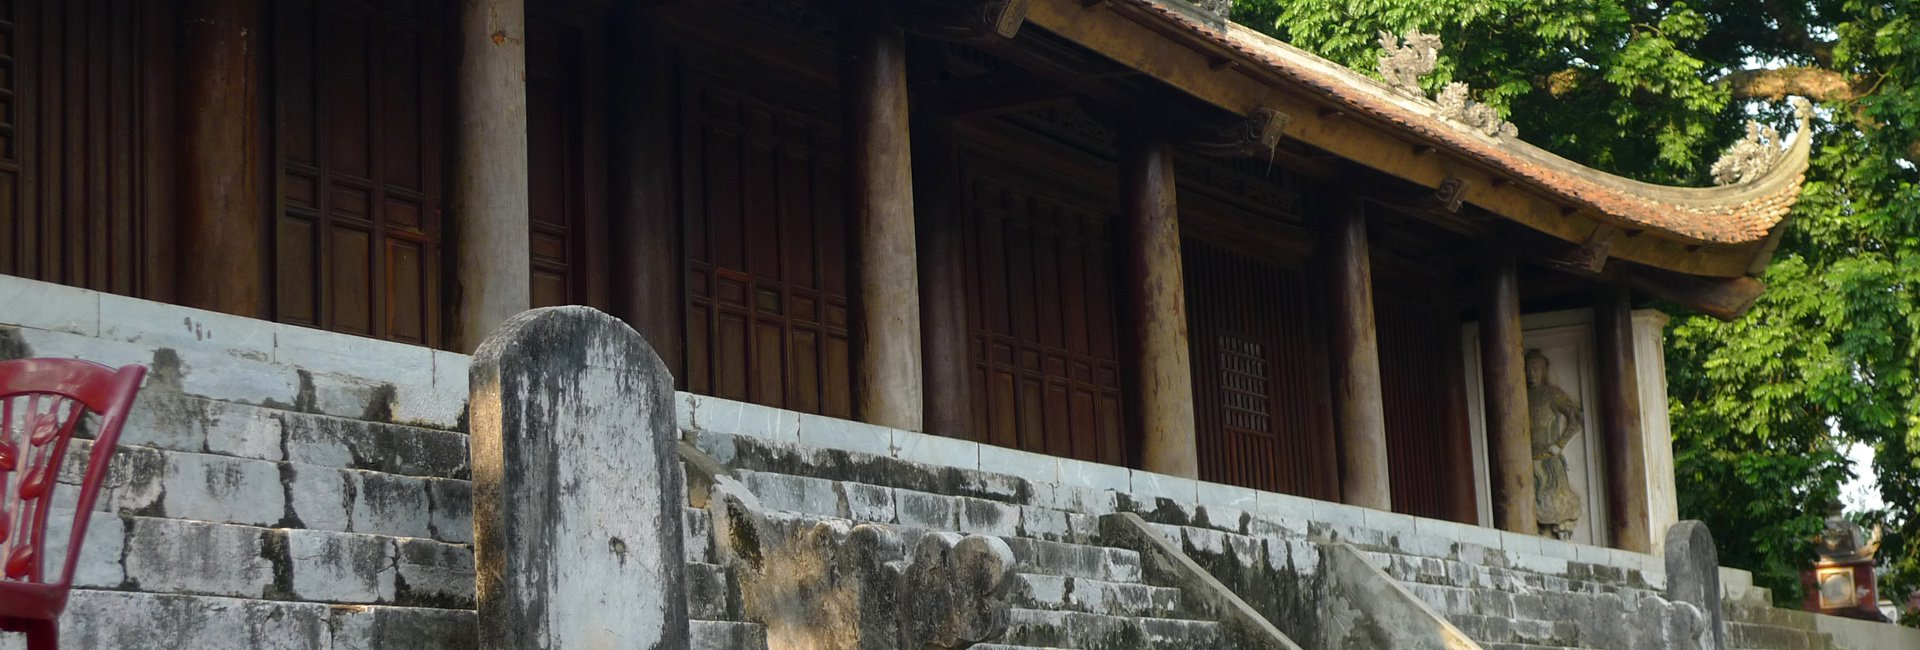 Chùa Trăm Gian - Ngôi chùa ngàn tuổi của Hà Nội